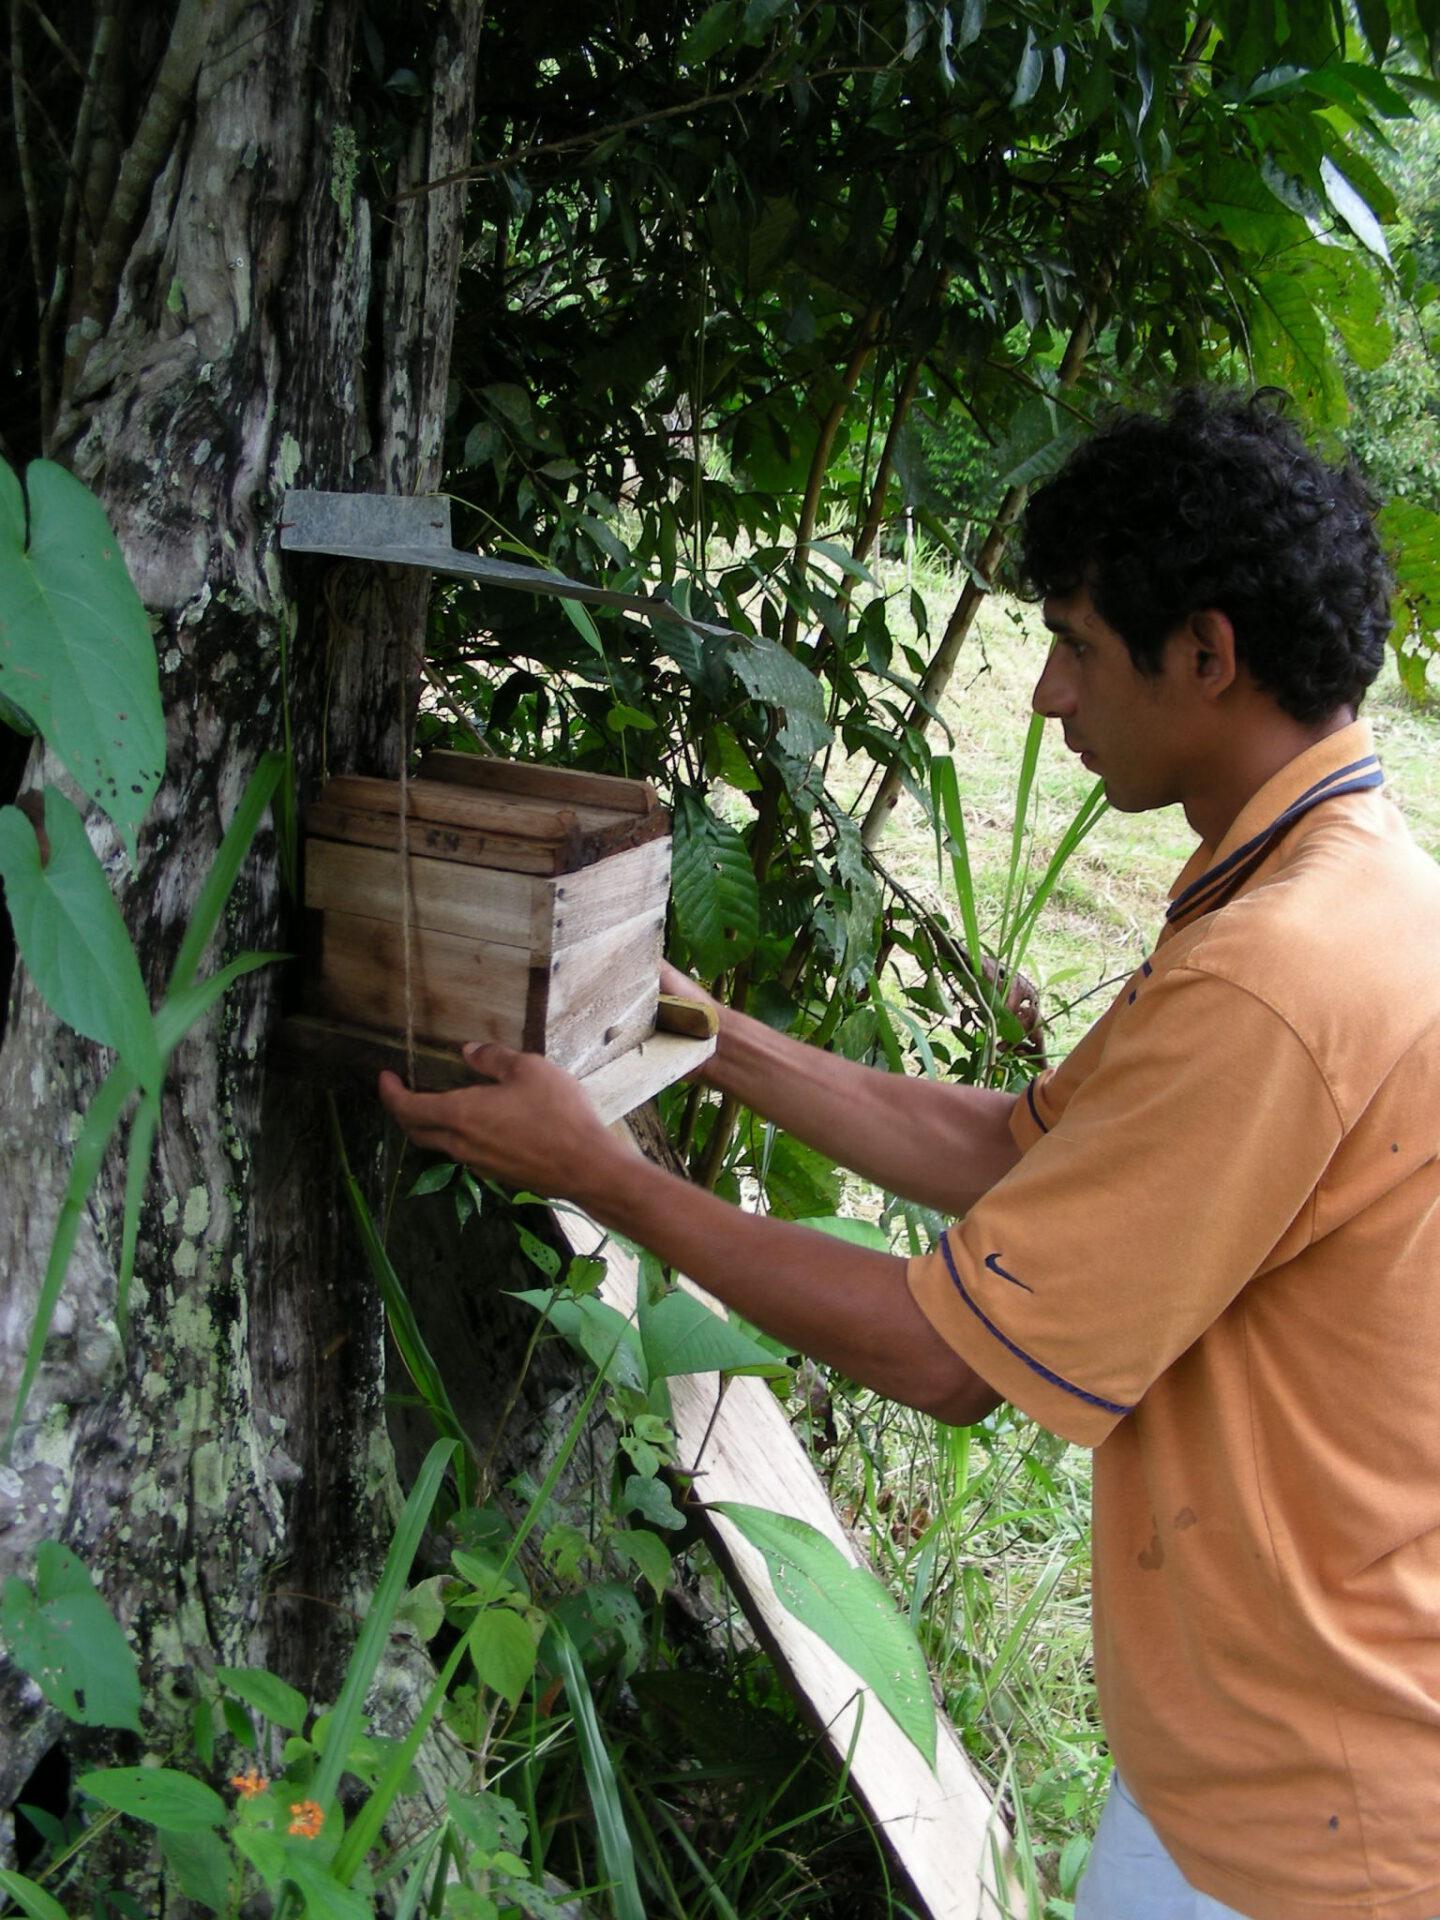 Anbringen eines Bienenkastens